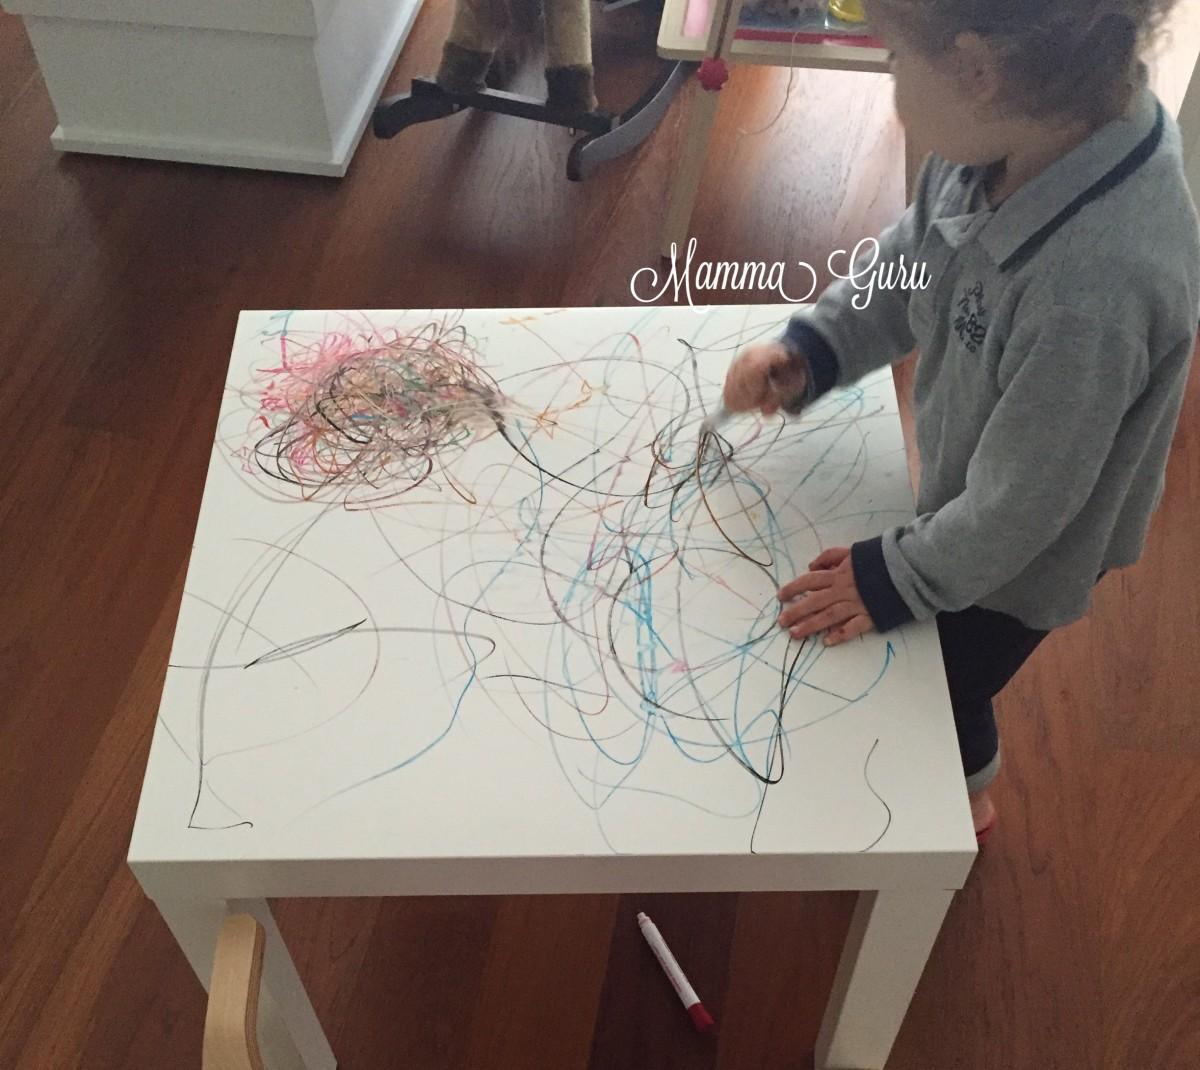 Mammaguru tavolino lack ikea mamma guru consigli e for Lack tavolino ikea